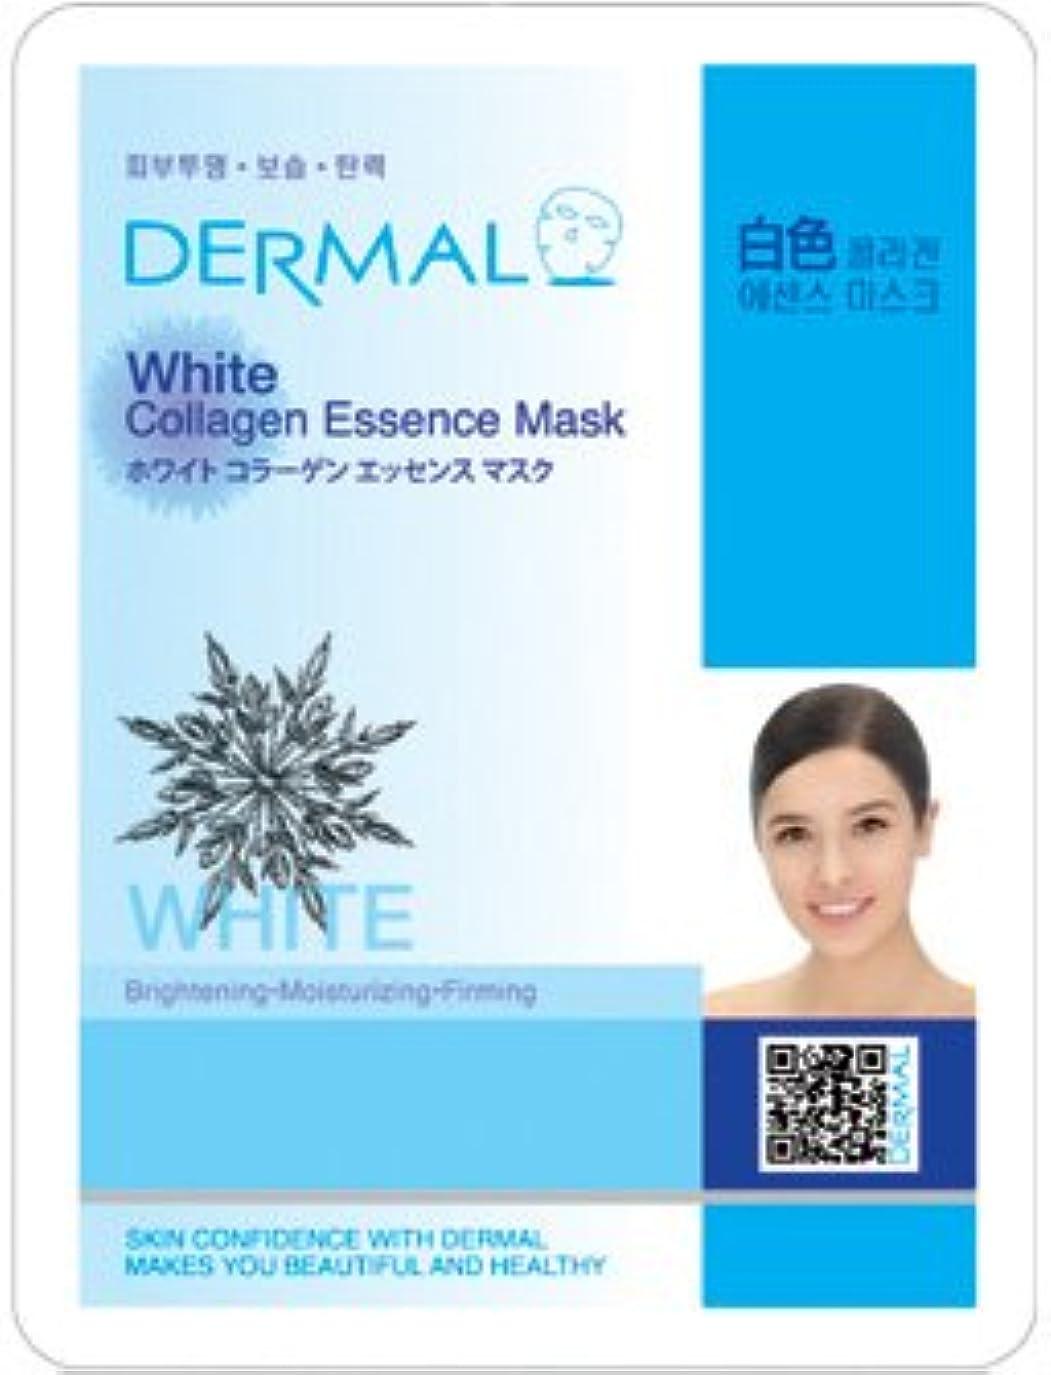 後継ストレスの多いダブルシートマスク ホワイト 100枚セット ダーマル(Dermal) フェイス パック